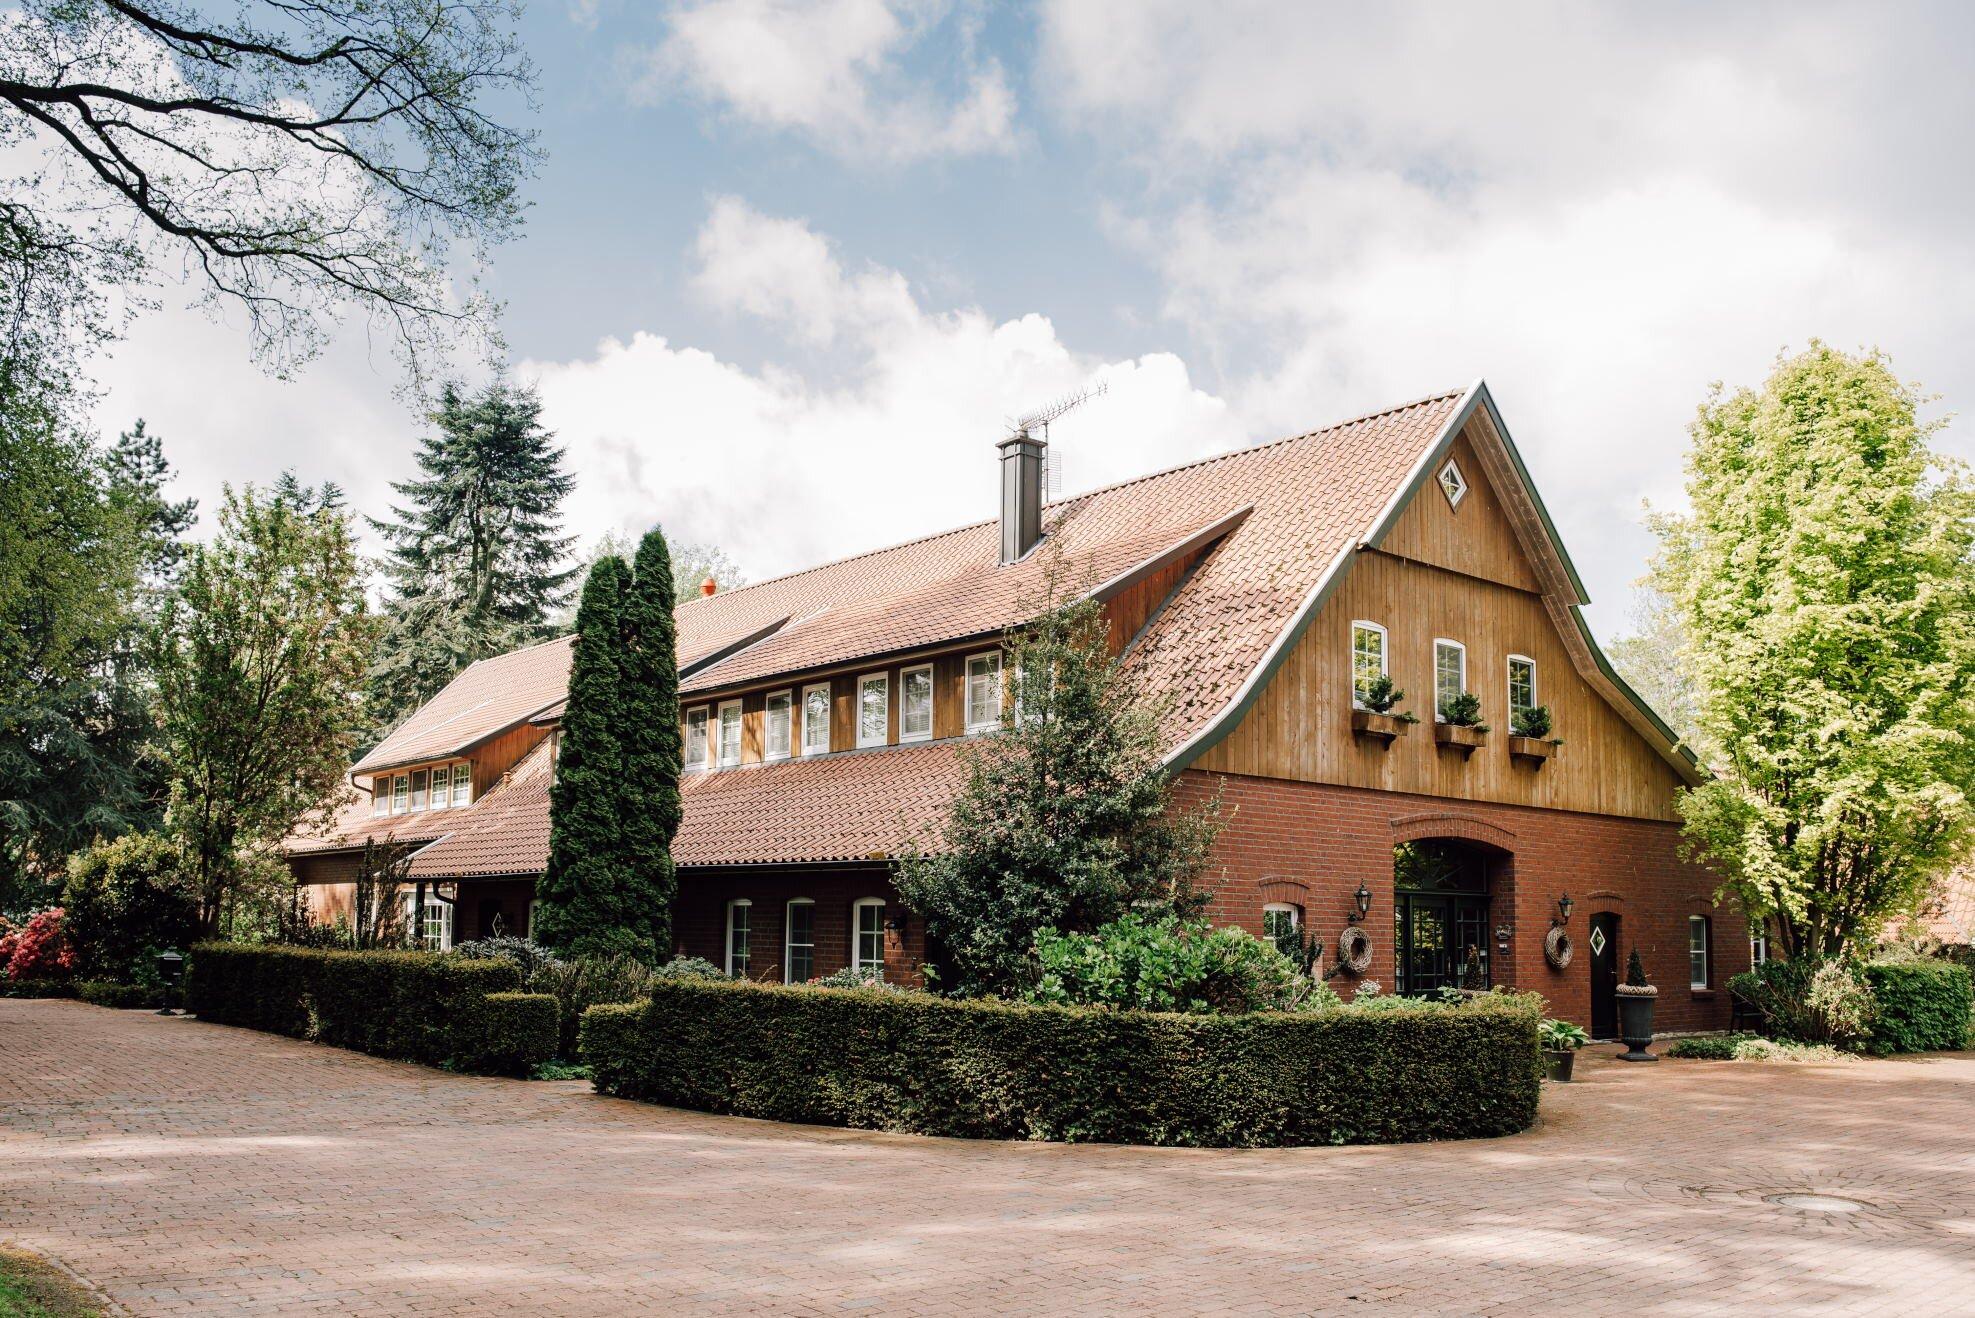 Luftbild Ferienhof Werner